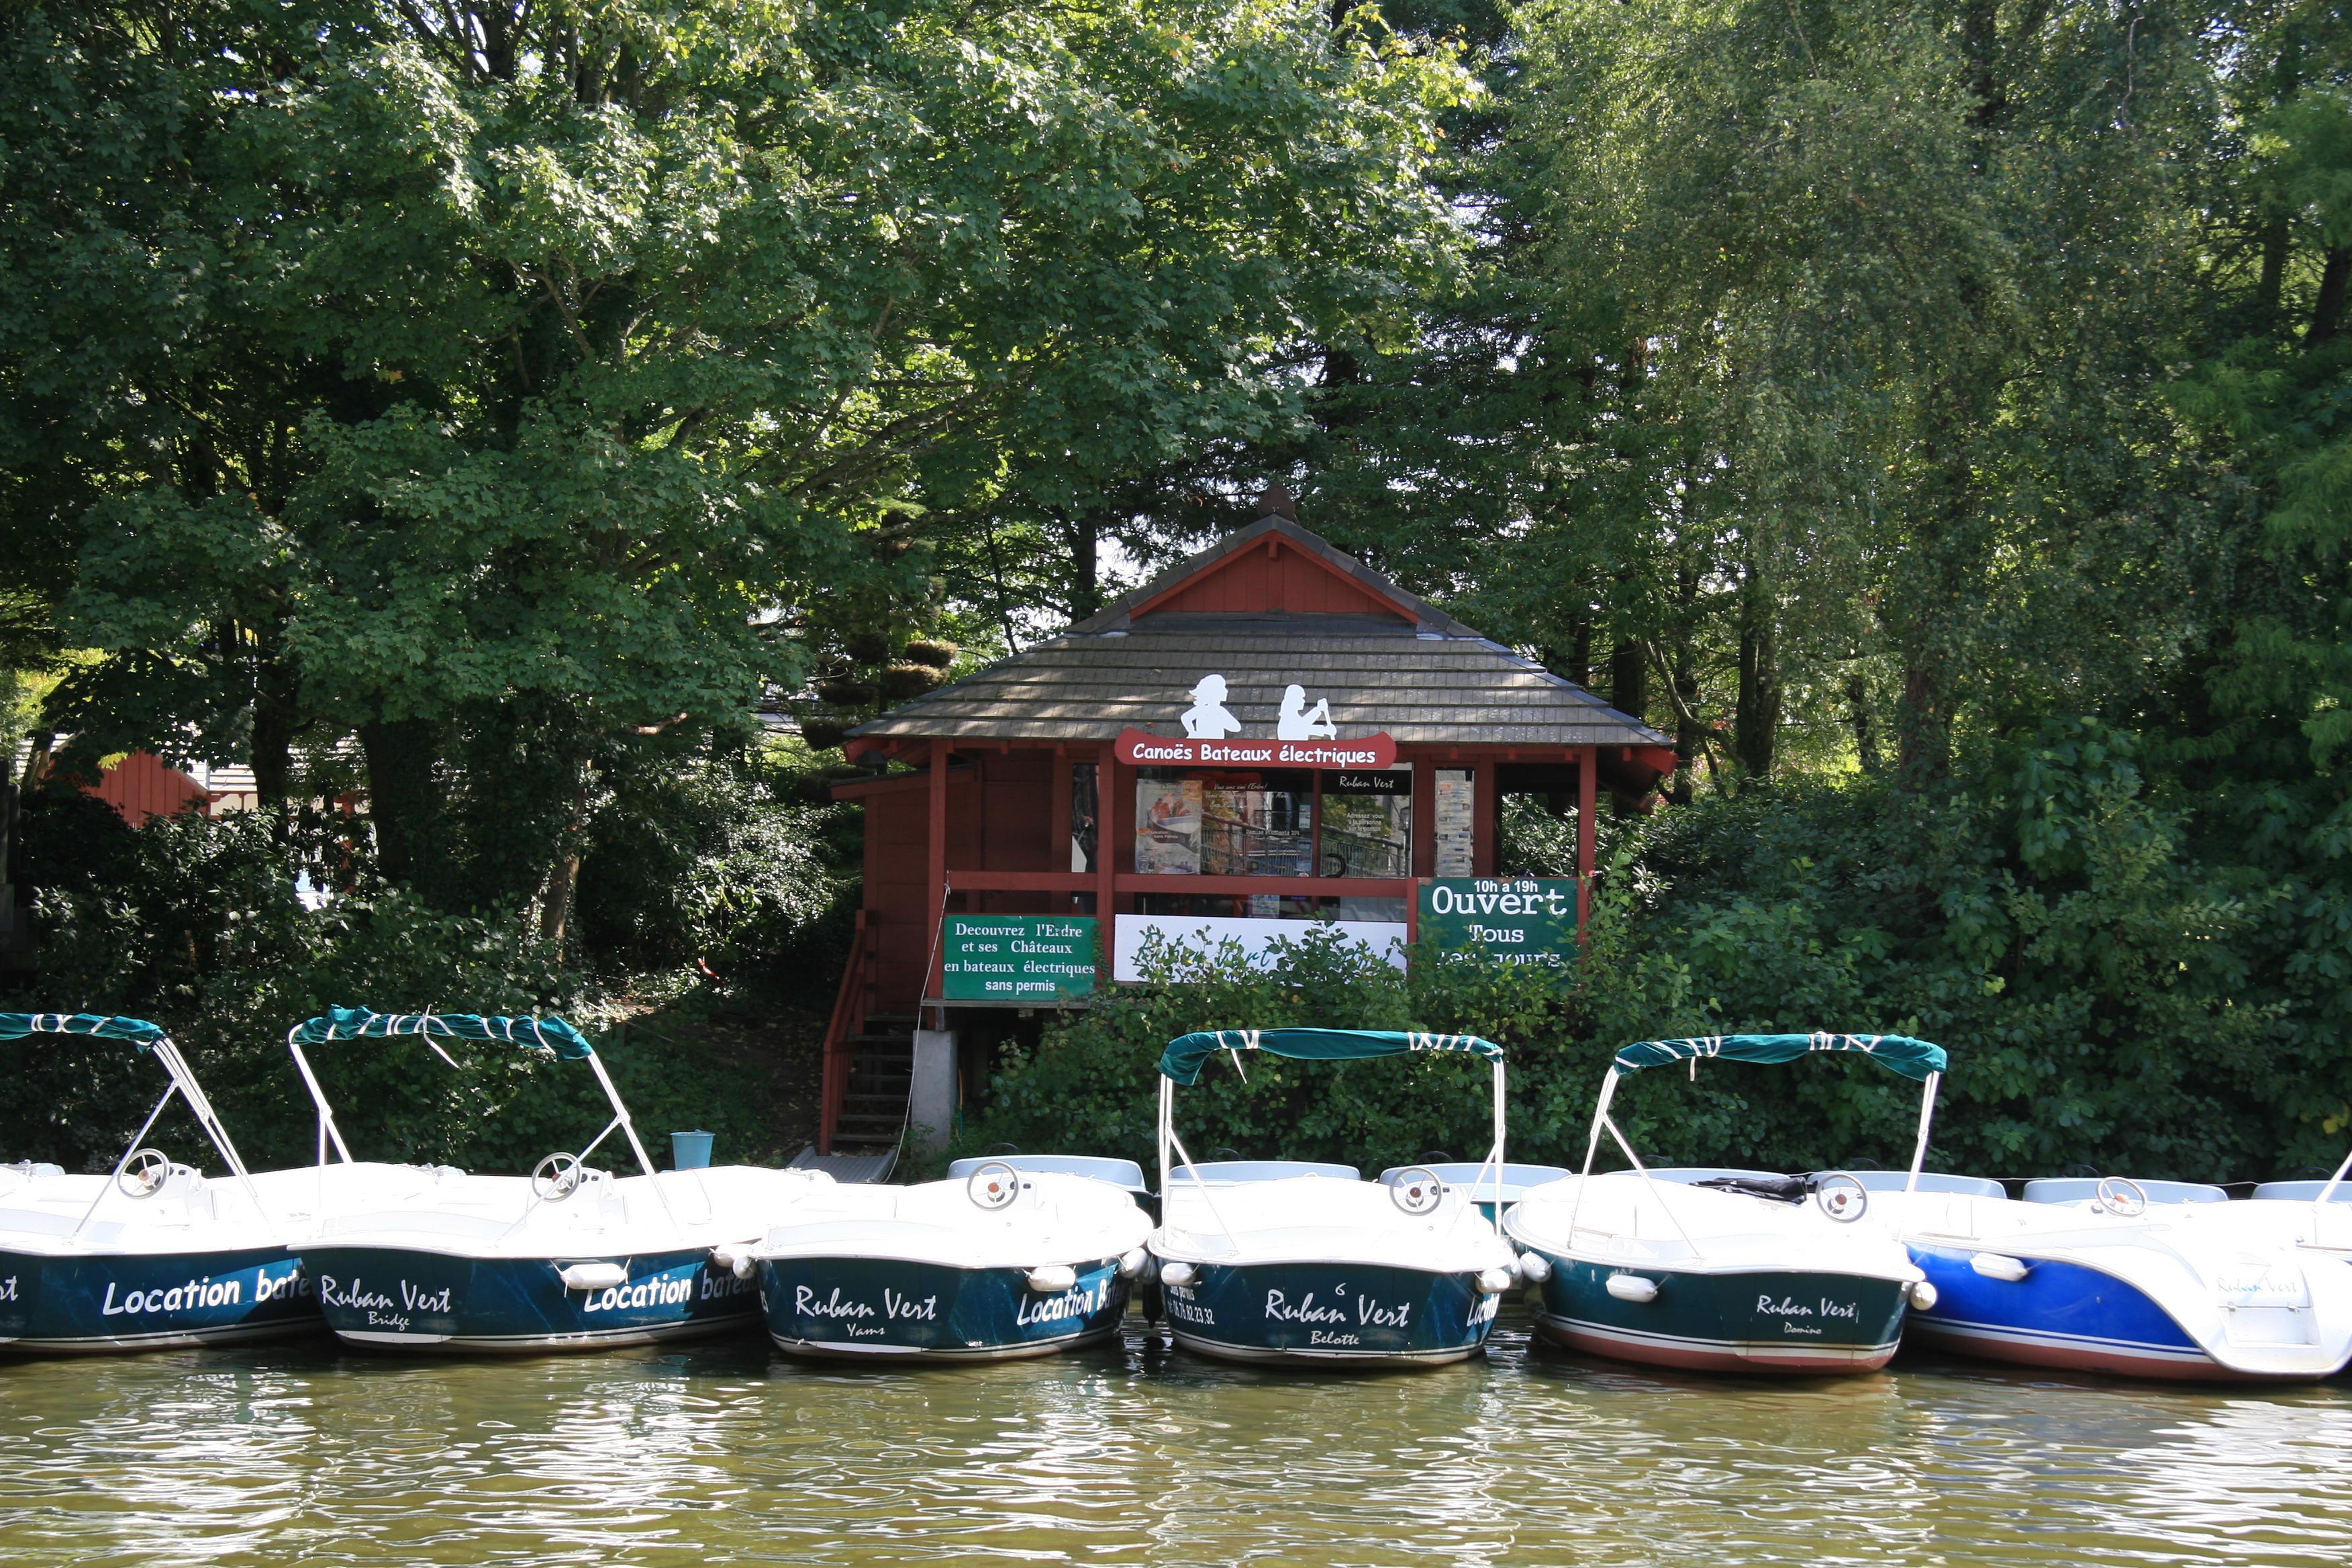 Ruban vert nantes location bateaux lectriques sur l 39 erdre for Horaires piscine vertou